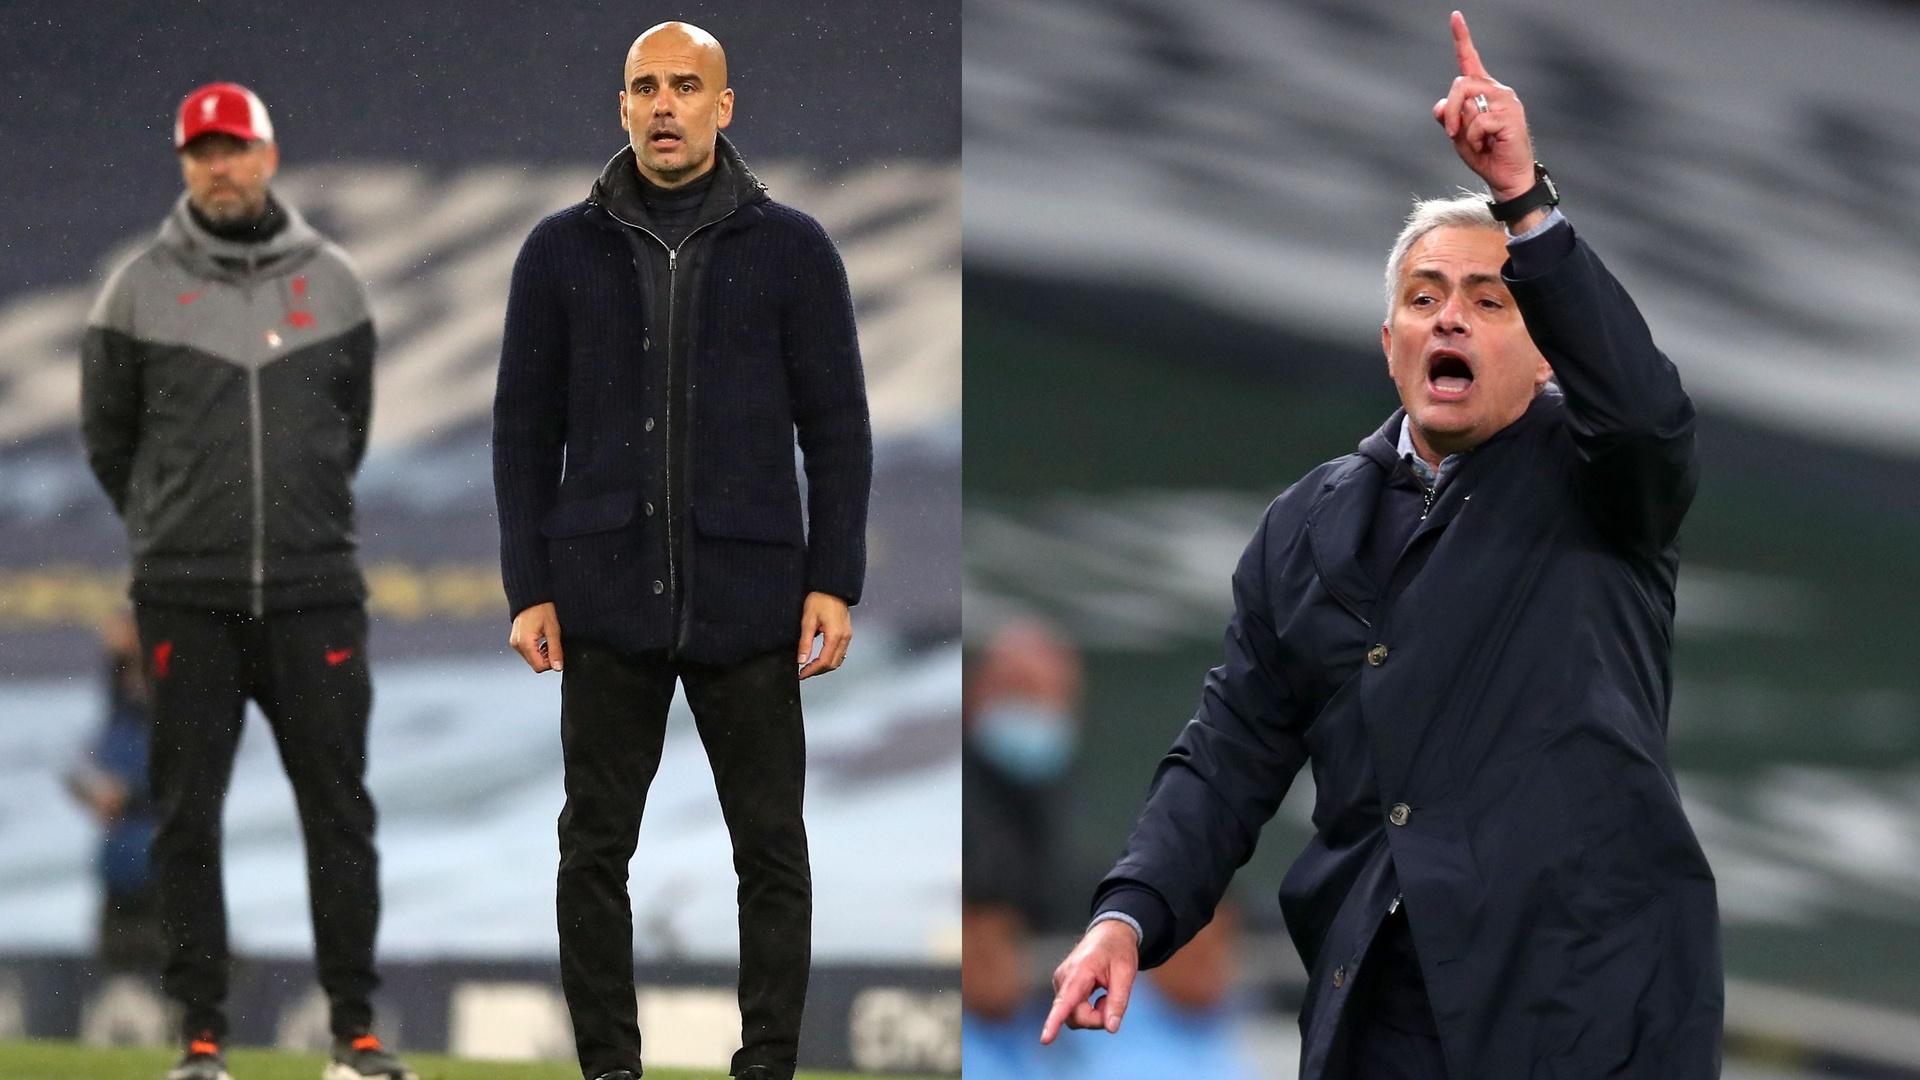 مورينيو يوجه سهامه إلى كلوب وغوارديولا بعد الهزيمة أمام ليفربول (فيديو)